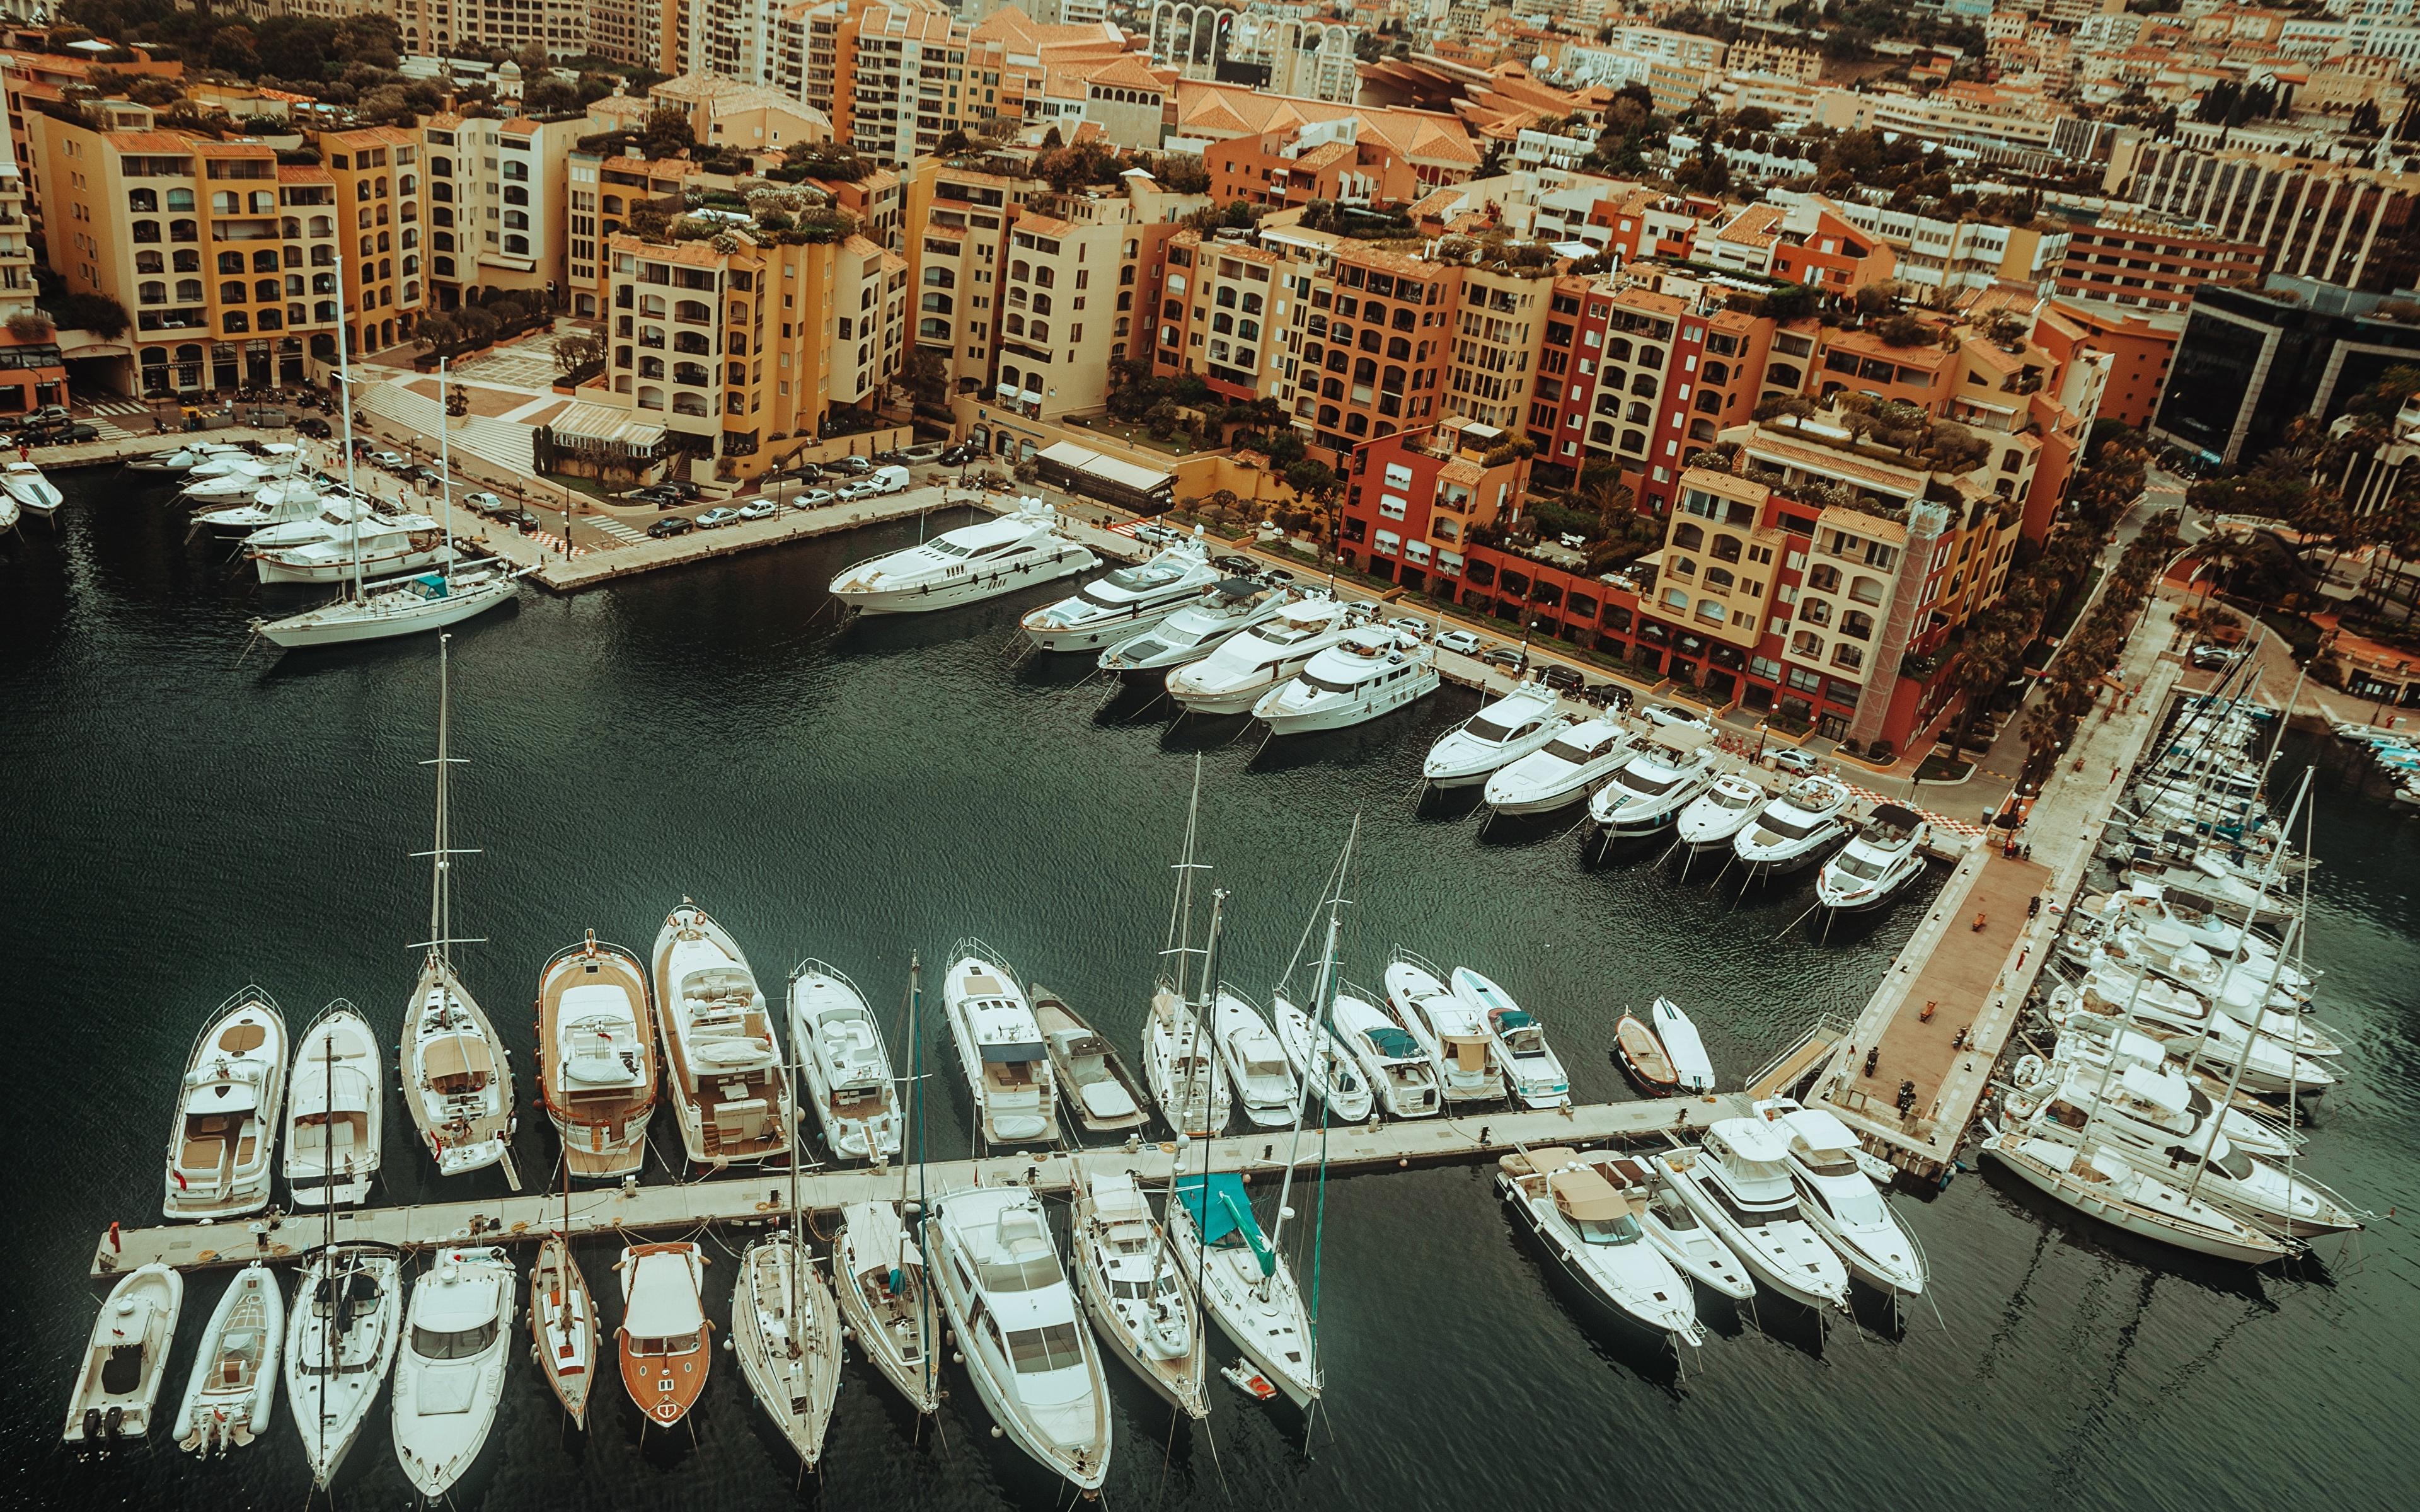 Фото Монте-Карло Монако Яхта Сверху Причалы Города 3840x2400 Пирсы Пристань город